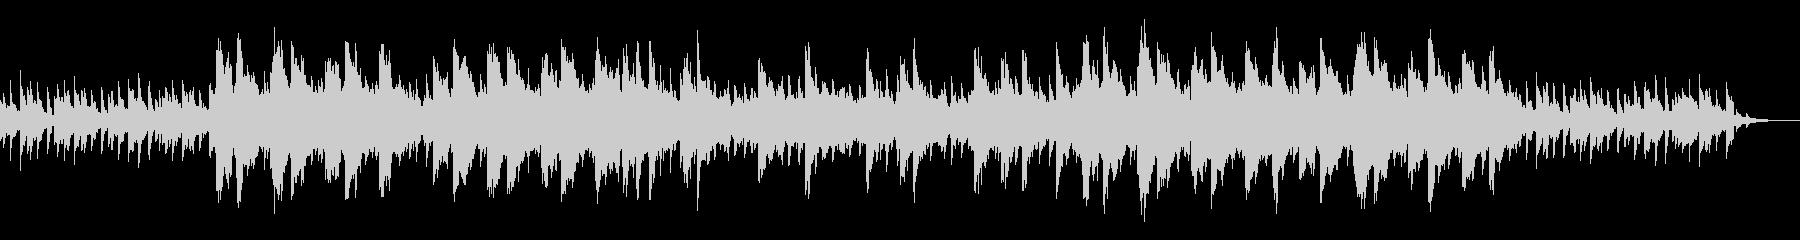 ビートなしBGMなどに明るくシンプルな曲の未再生の波形